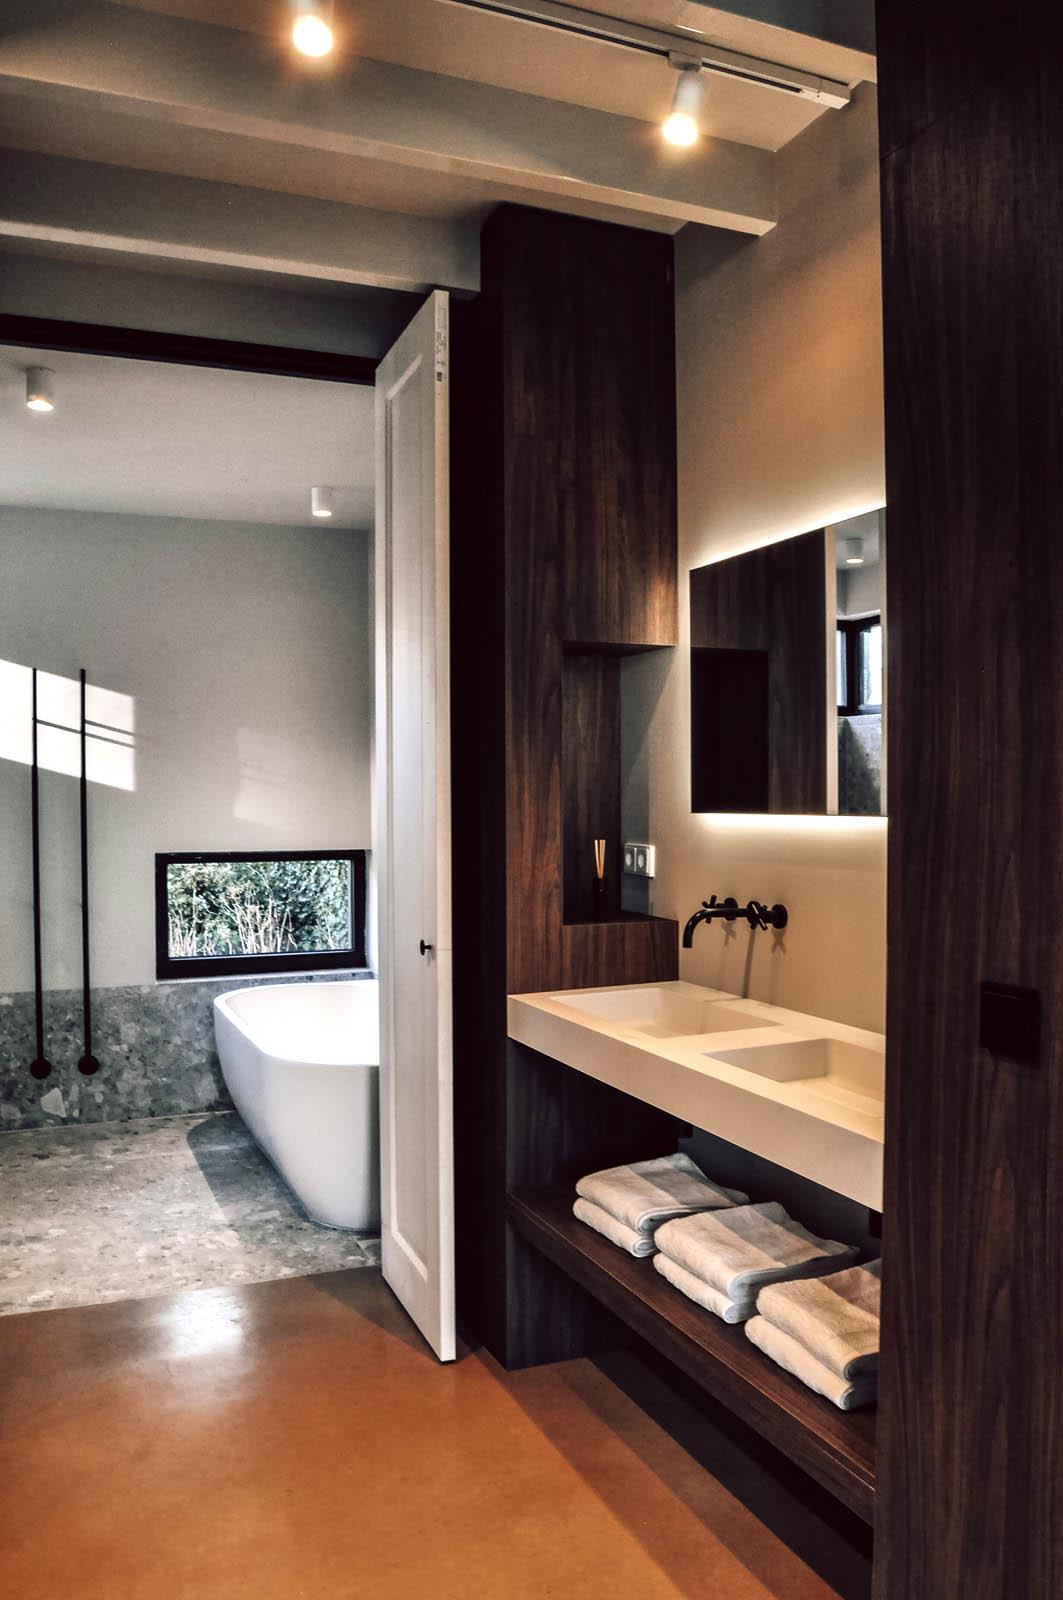 doetinchem_patio_entrance_design_nijs_jeroen_de_badkamer_vrijstaand_bad